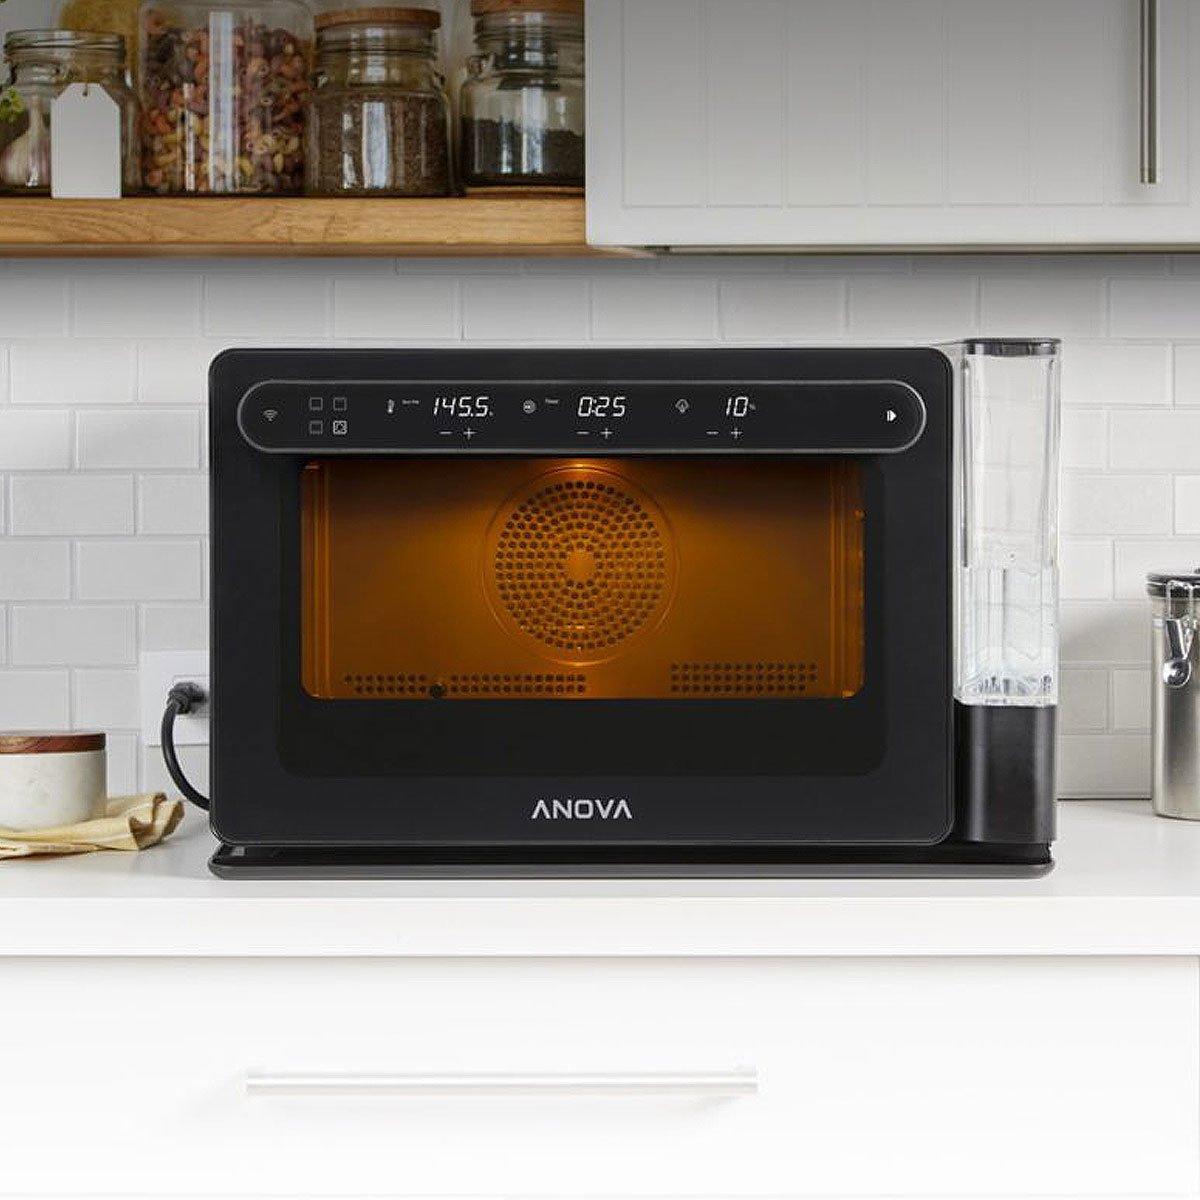 Forno Anova Precision Oven sobre uma bancada de cozinha